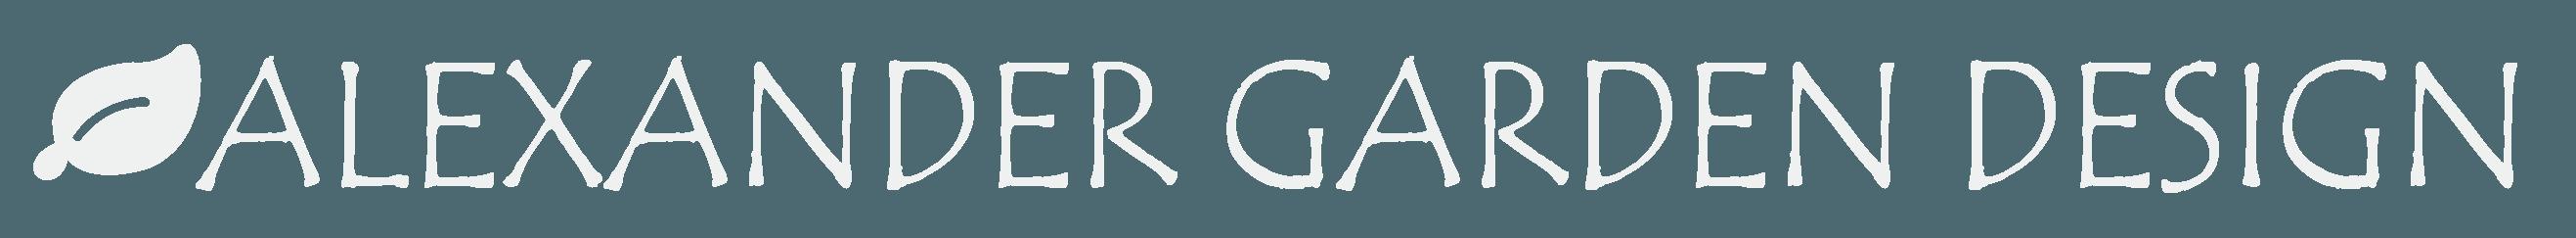 Alexander Garden Design logo